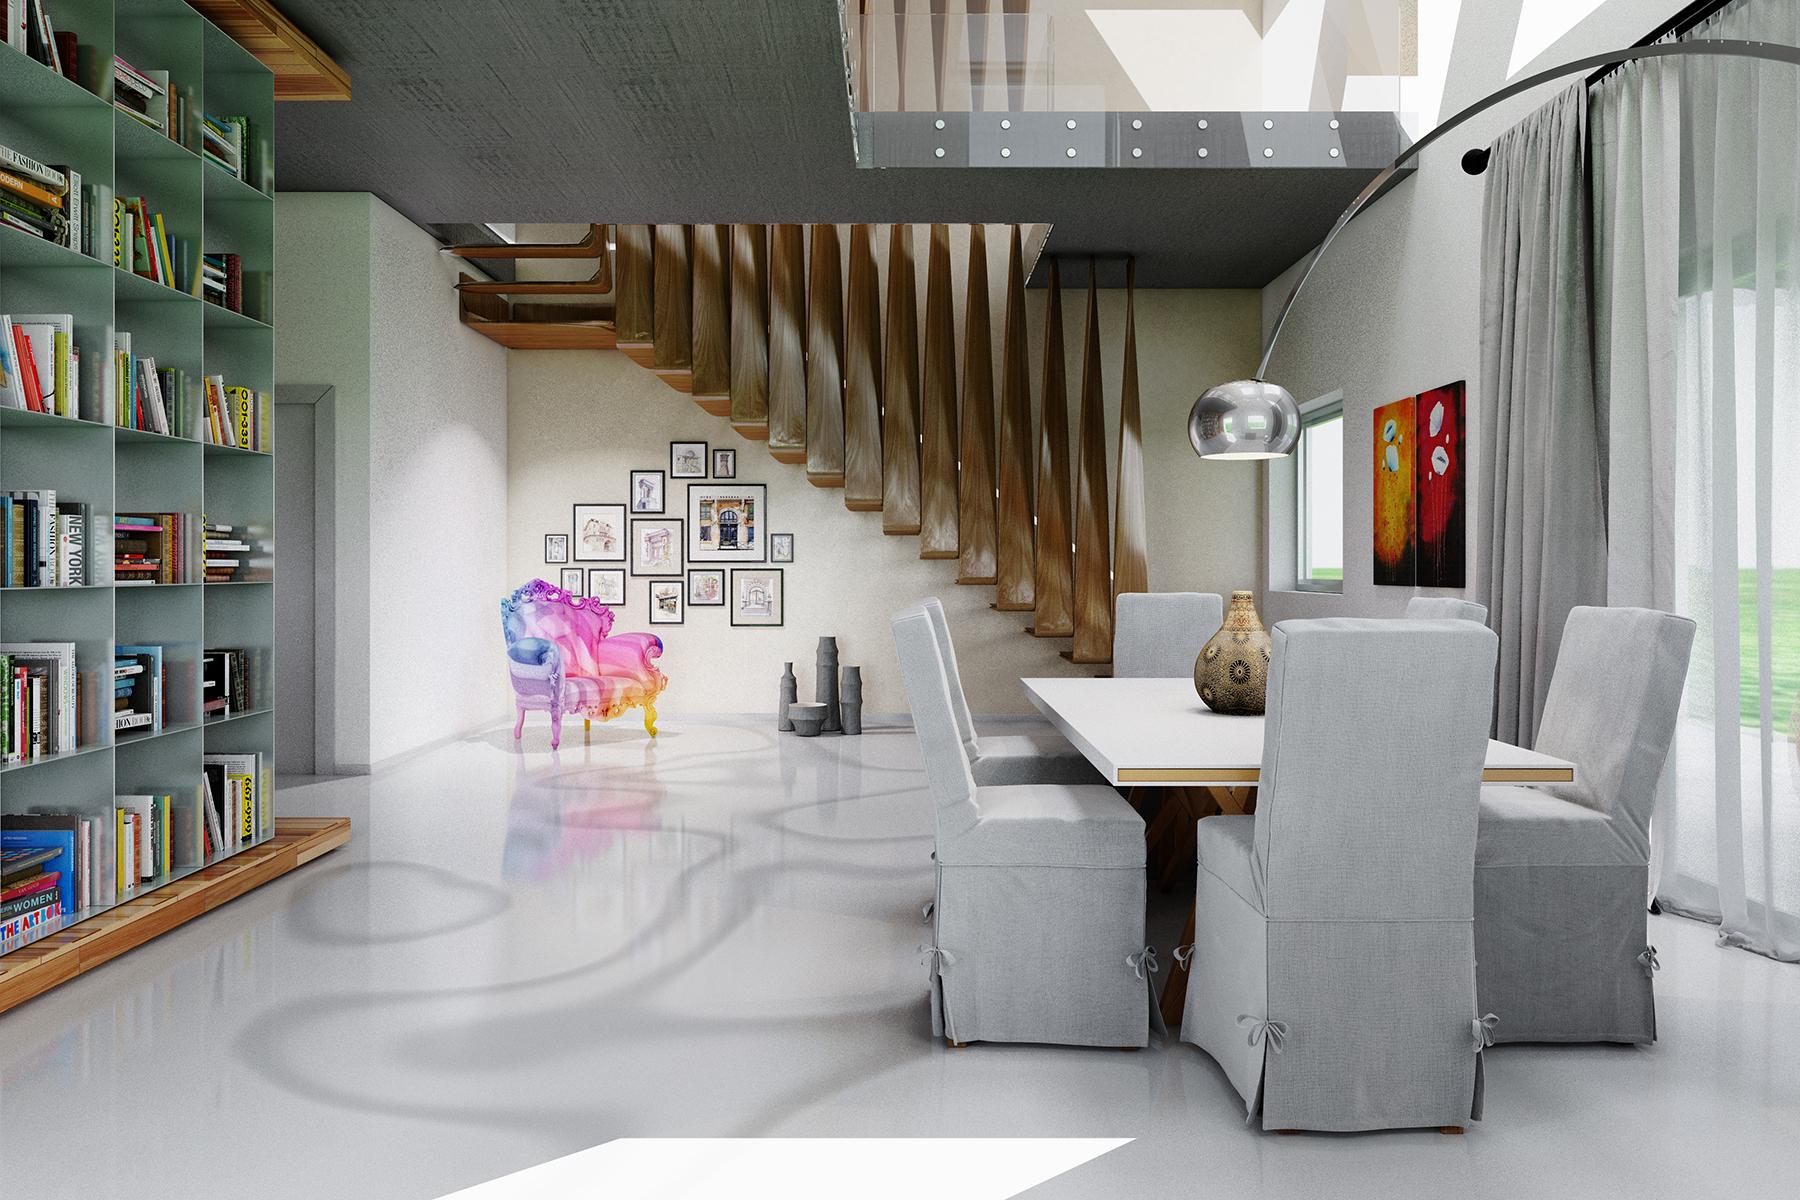 Corso breve interior design accademia cappiello for Corso interior design treviso